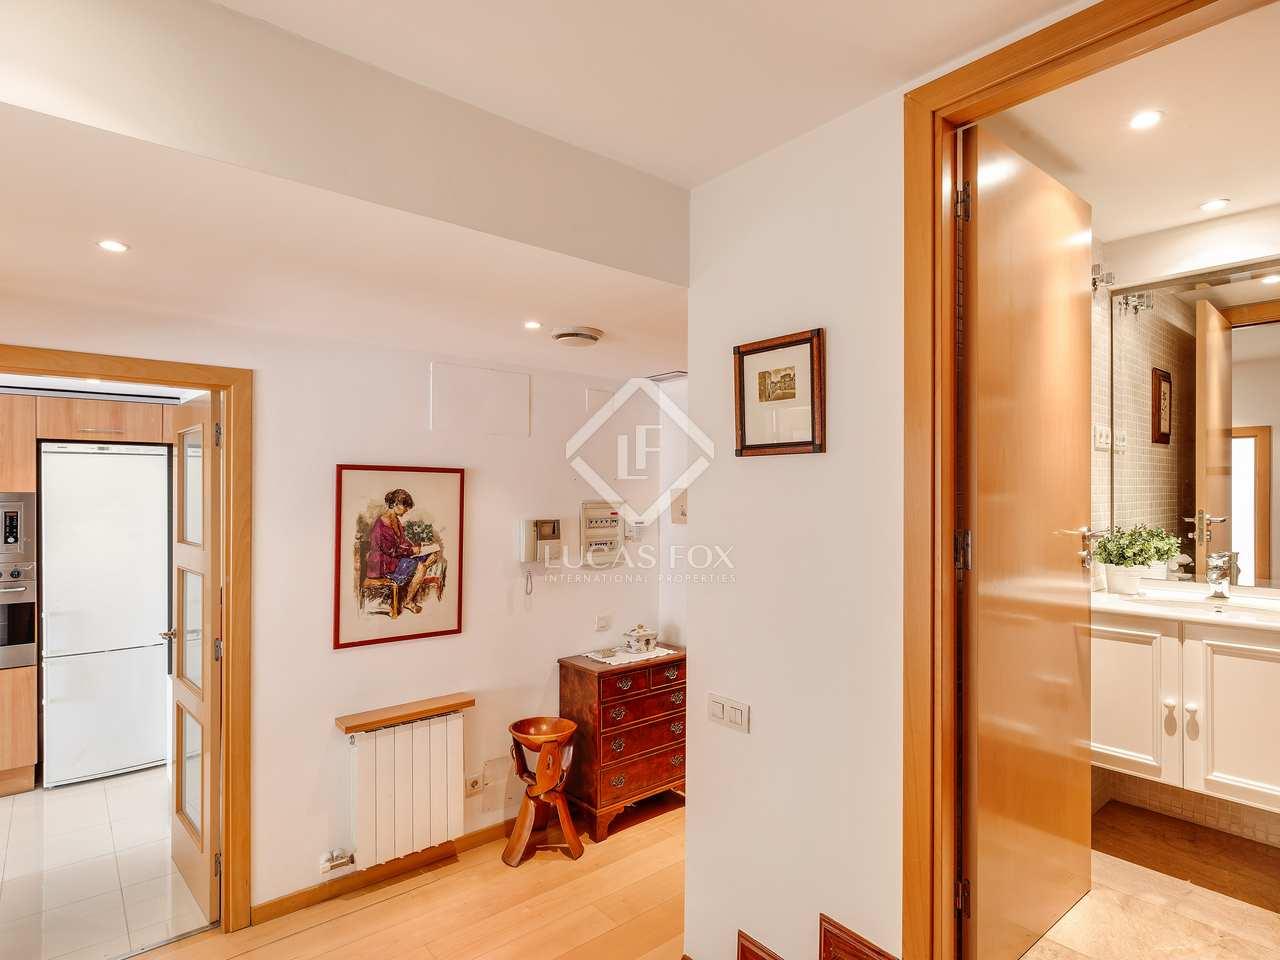 Barcelona Apartment Rent Price